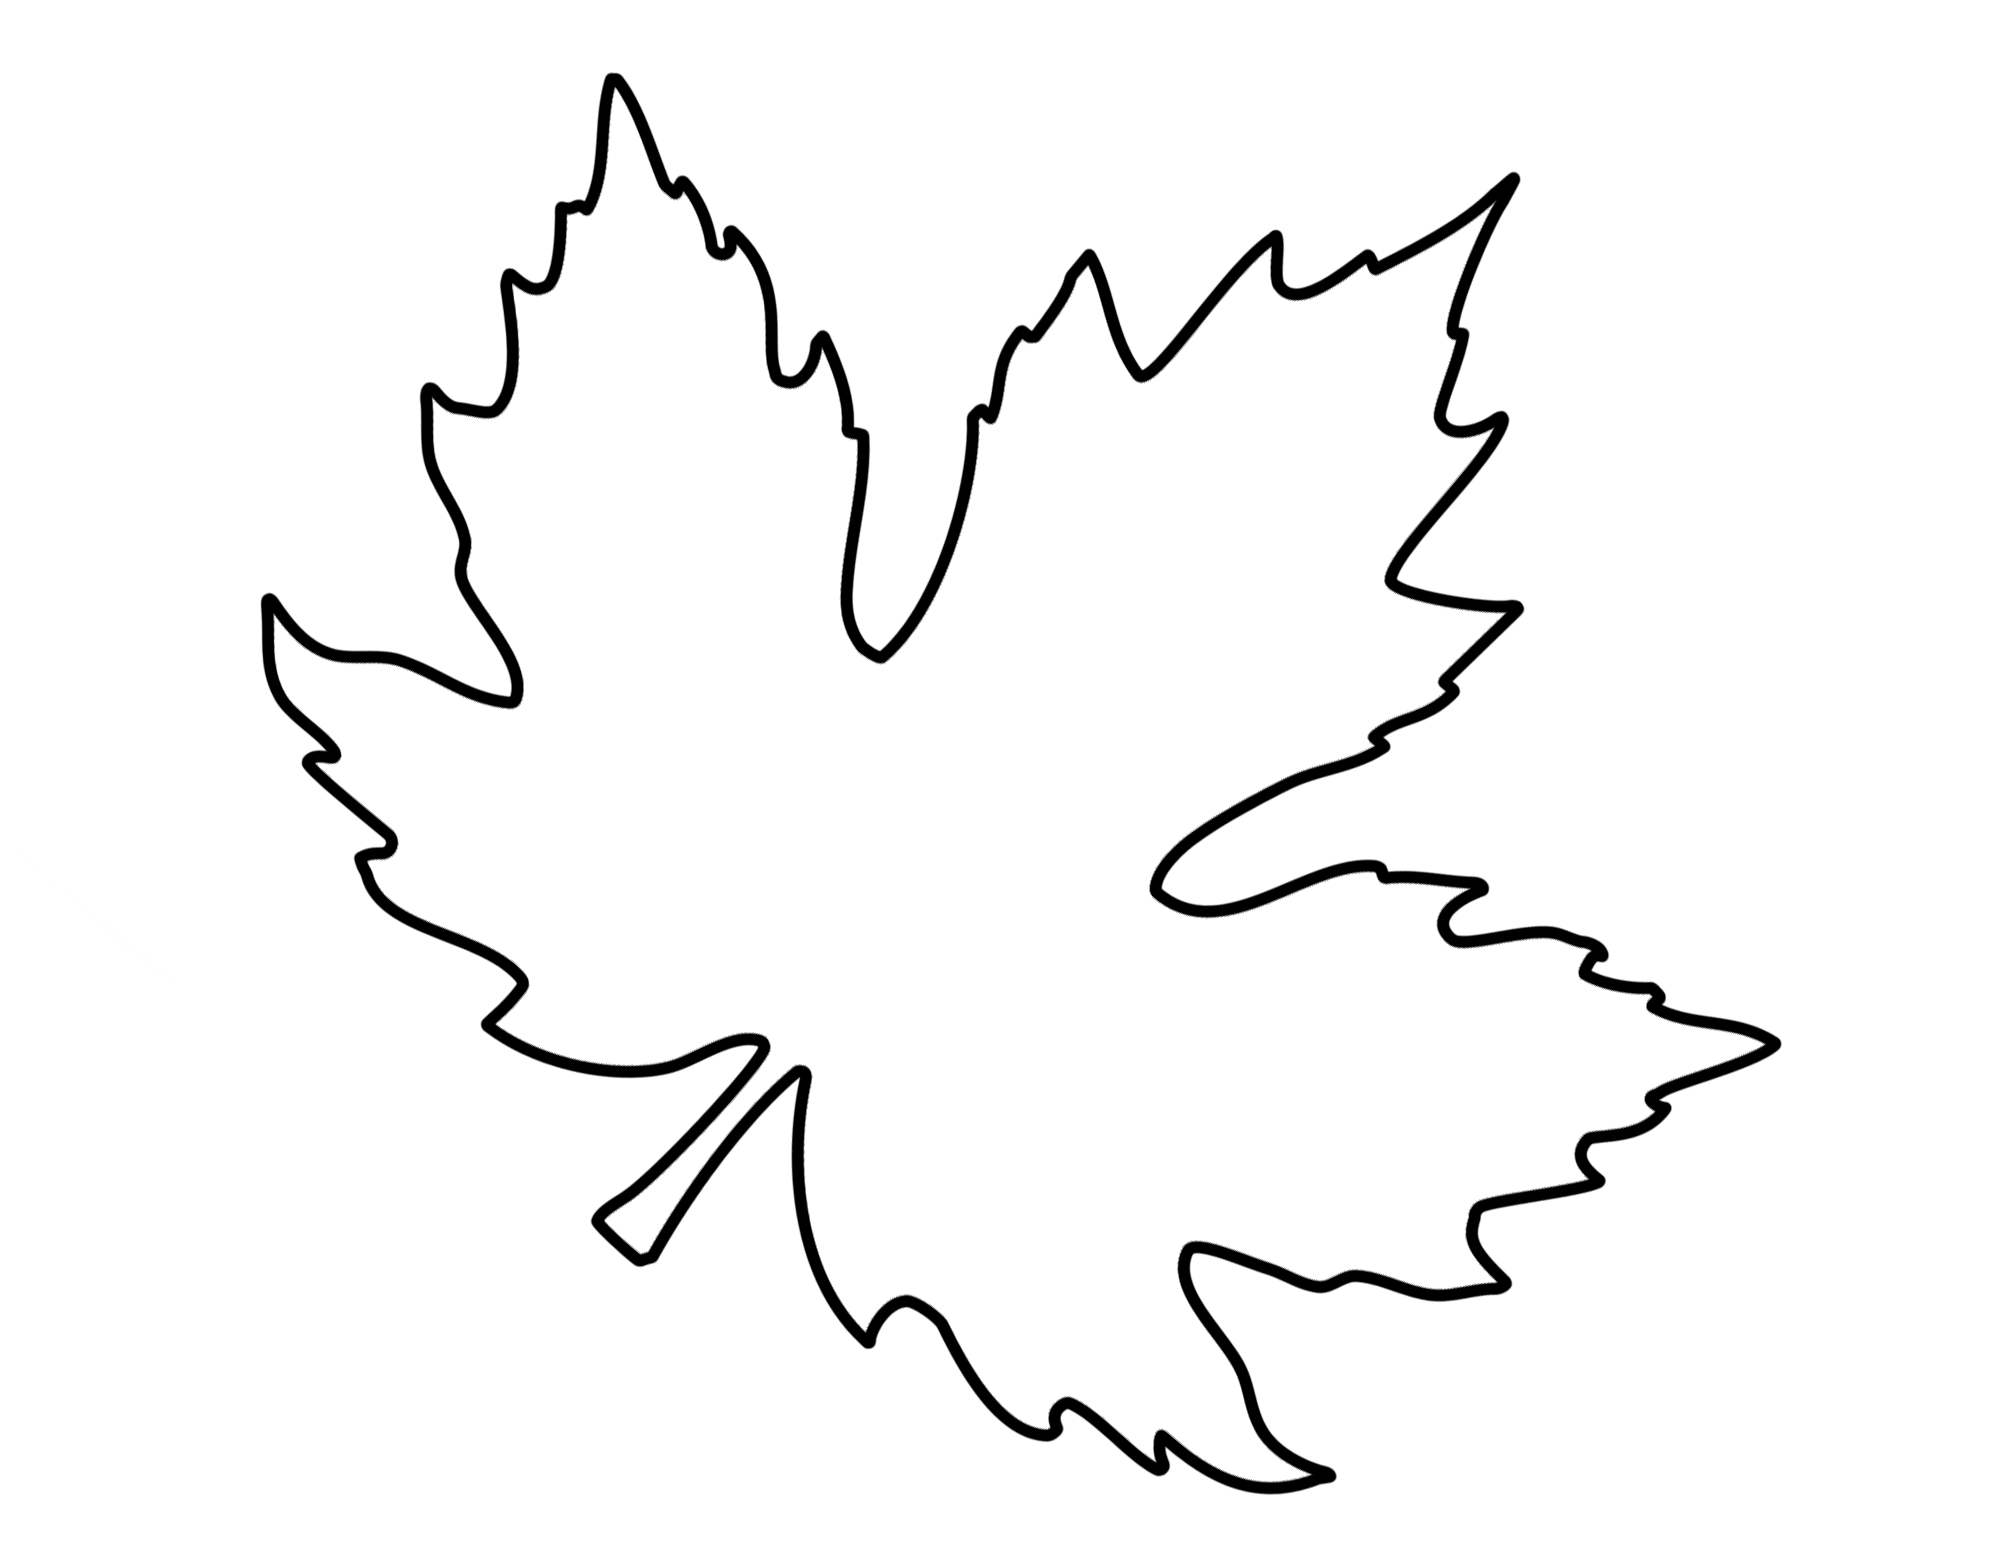 Herbstblaetter Vorlagen 4 Herbstblatter Vorlagen Herbst Blatter Bastel Herbst